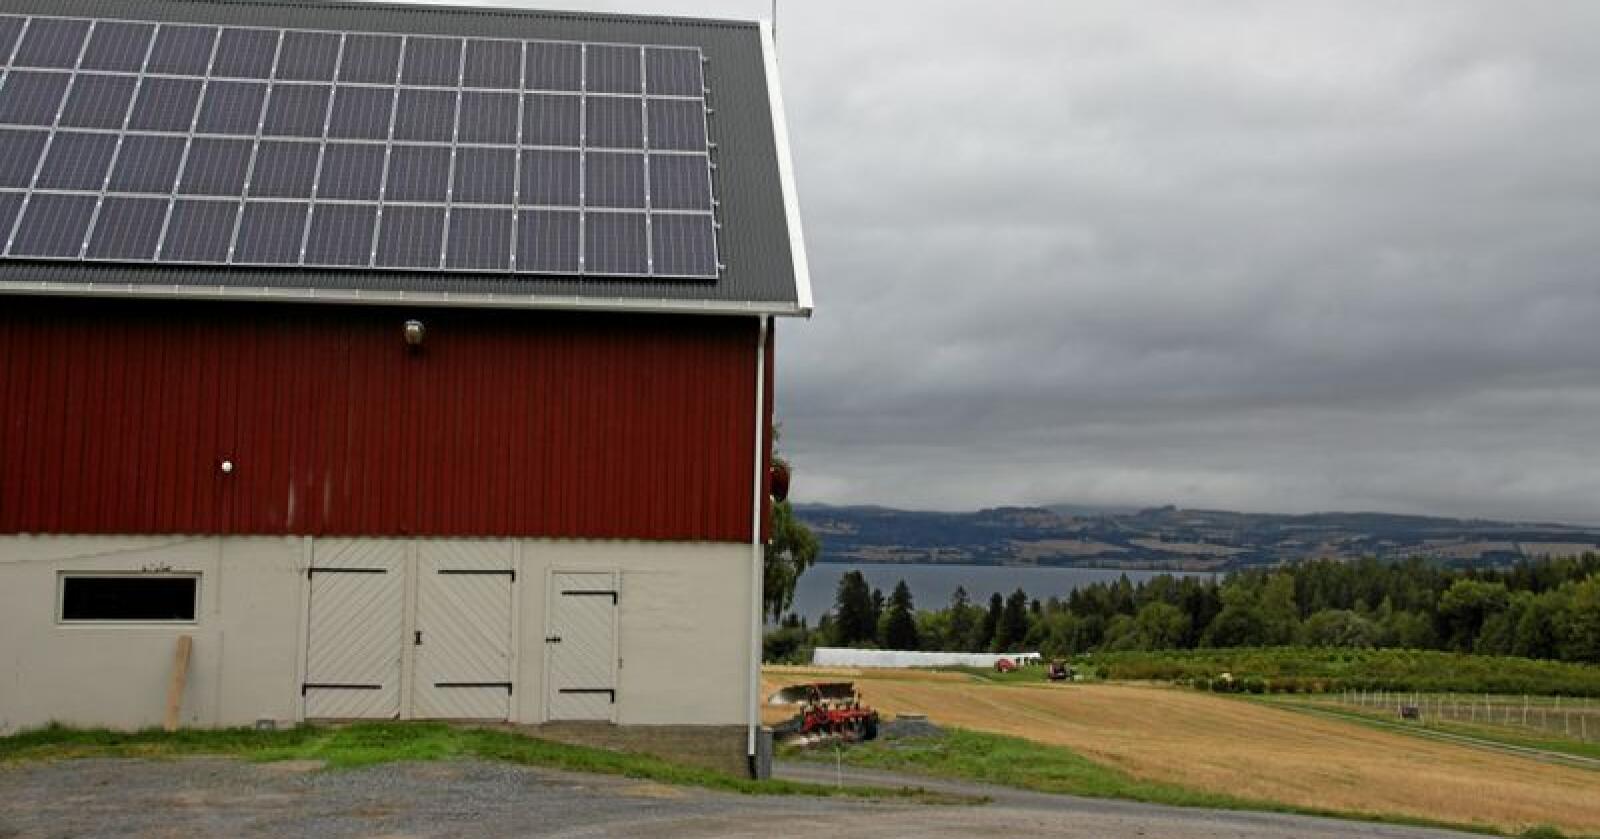 MDG vil legge solceller på 15 prosent av takene i landbruket. Foto: Lars Bilit Hagen